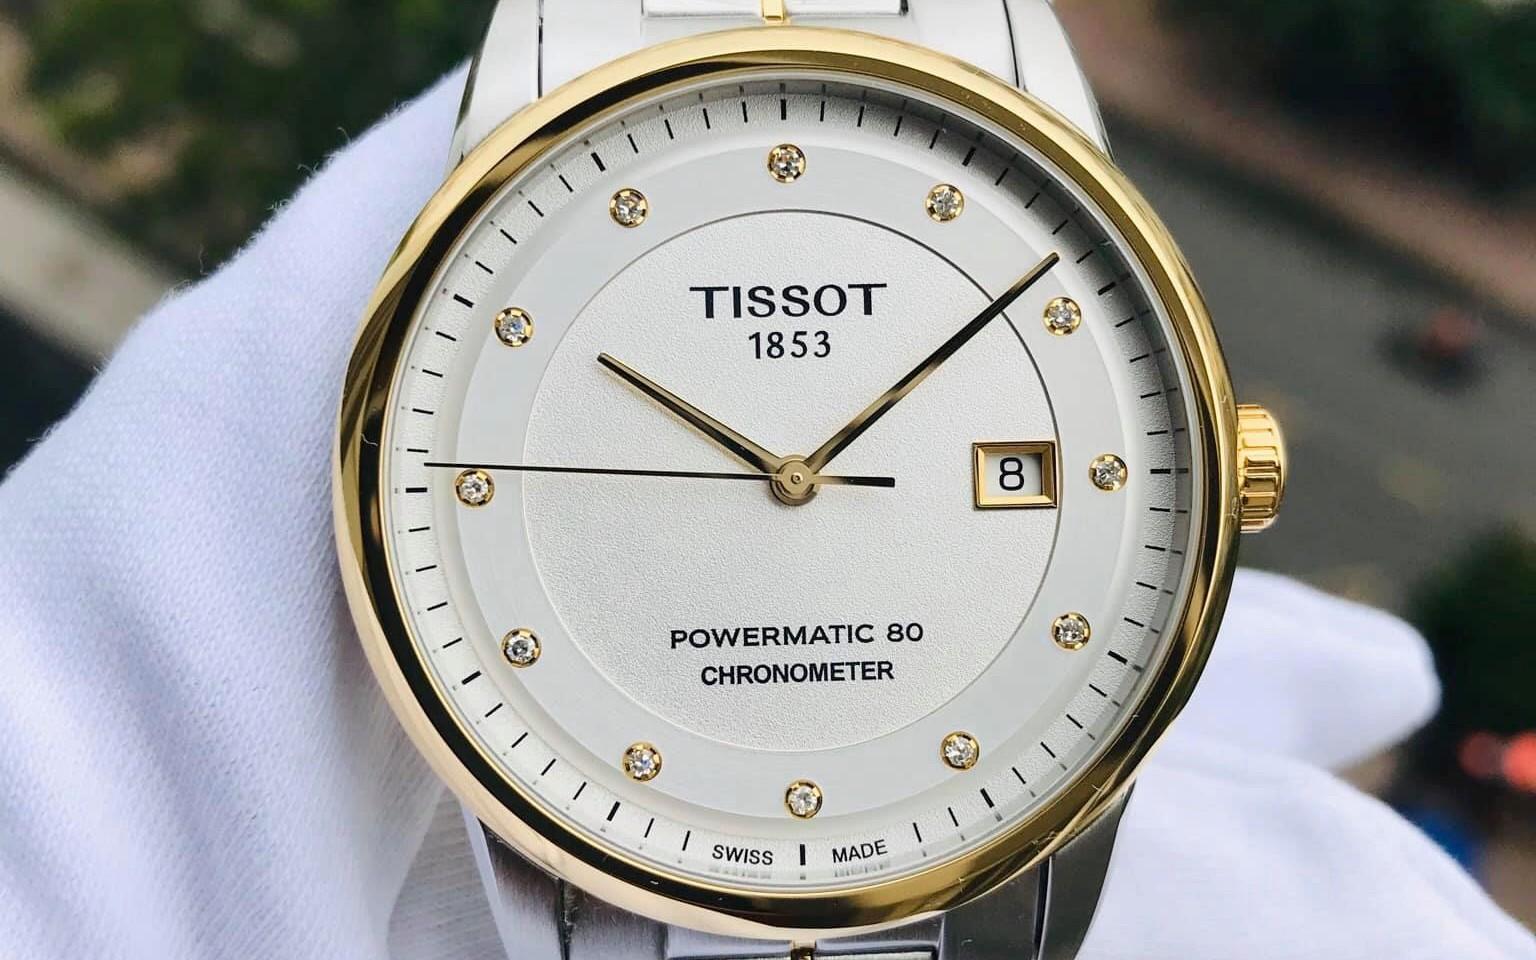 Đồng hồ nam Tissot Luxury máy cơ khí đang có sẵn tại Xship.vn